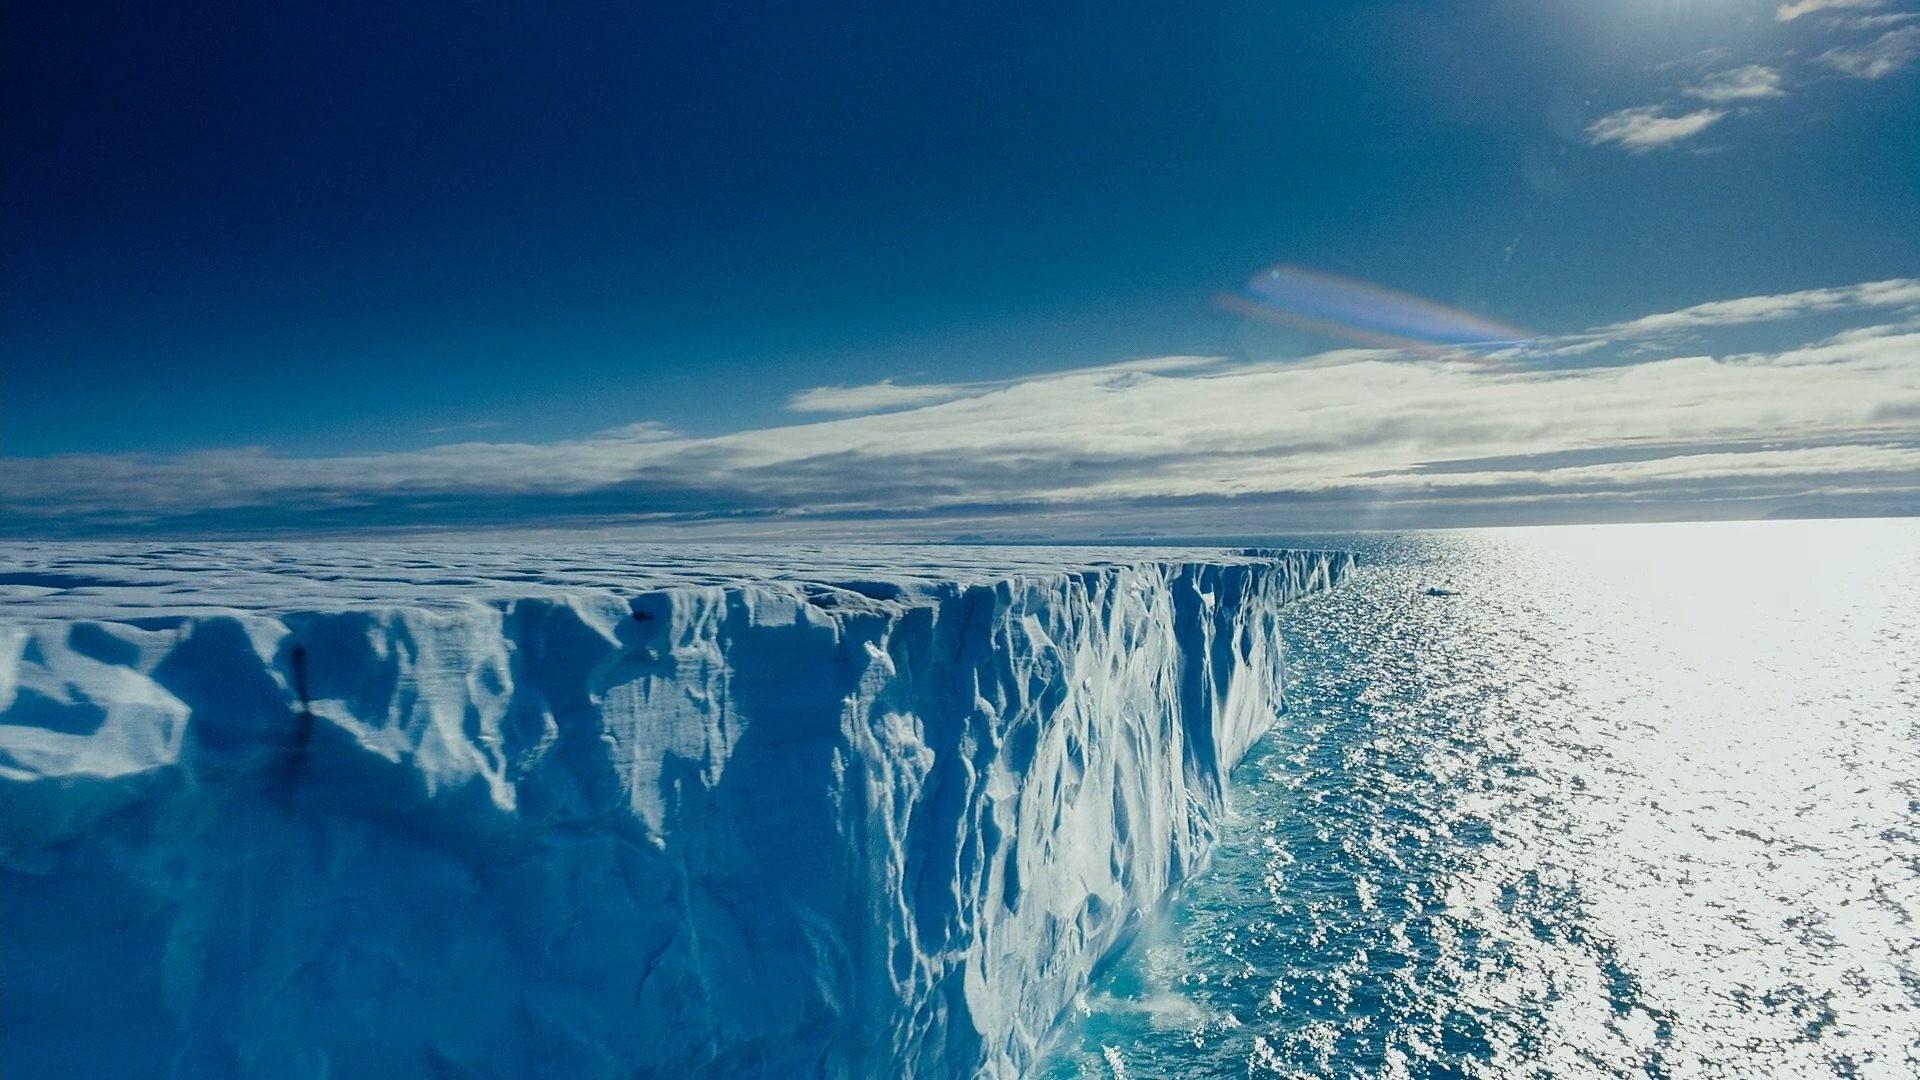 ВКанаде закрылся единственный арктический порт